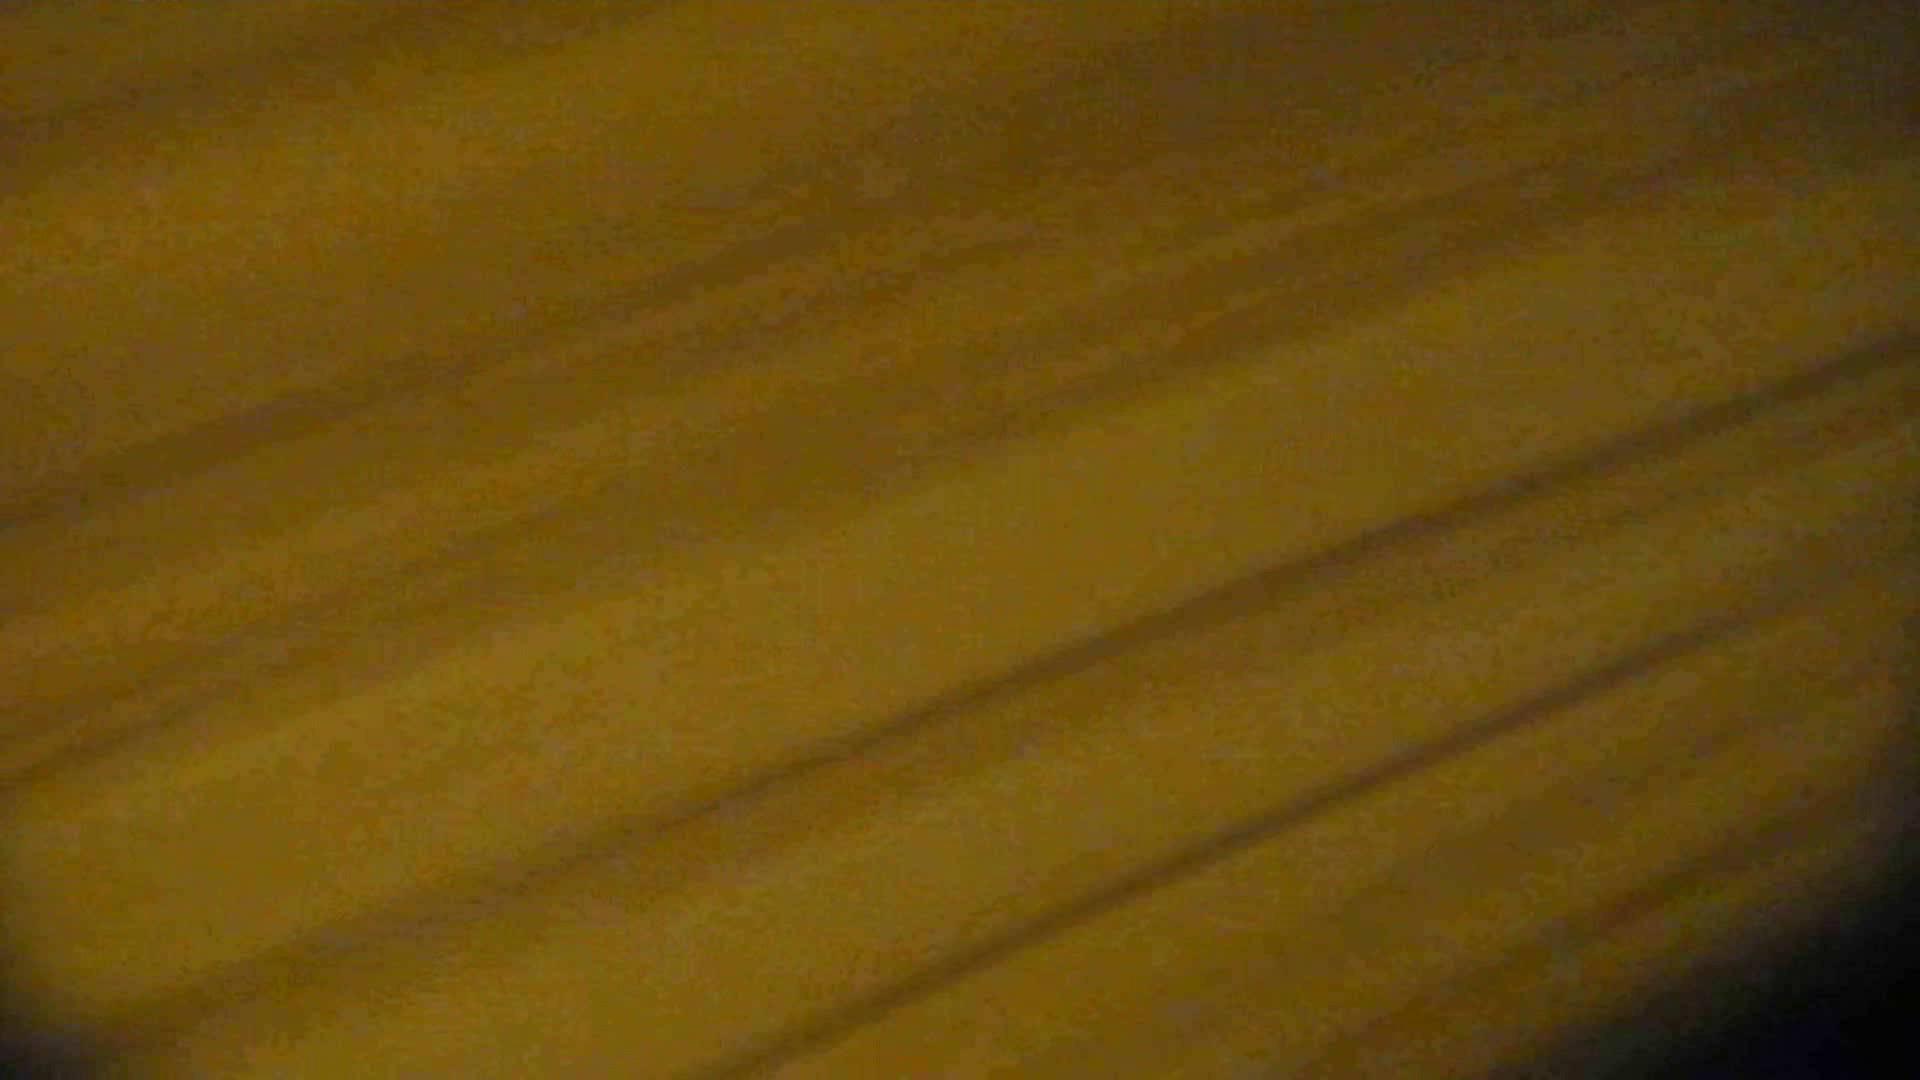 阿国ちゃんの「和式洋式七変化」No.14 洗面所 オマンコ無修正動画無料 57画像 52